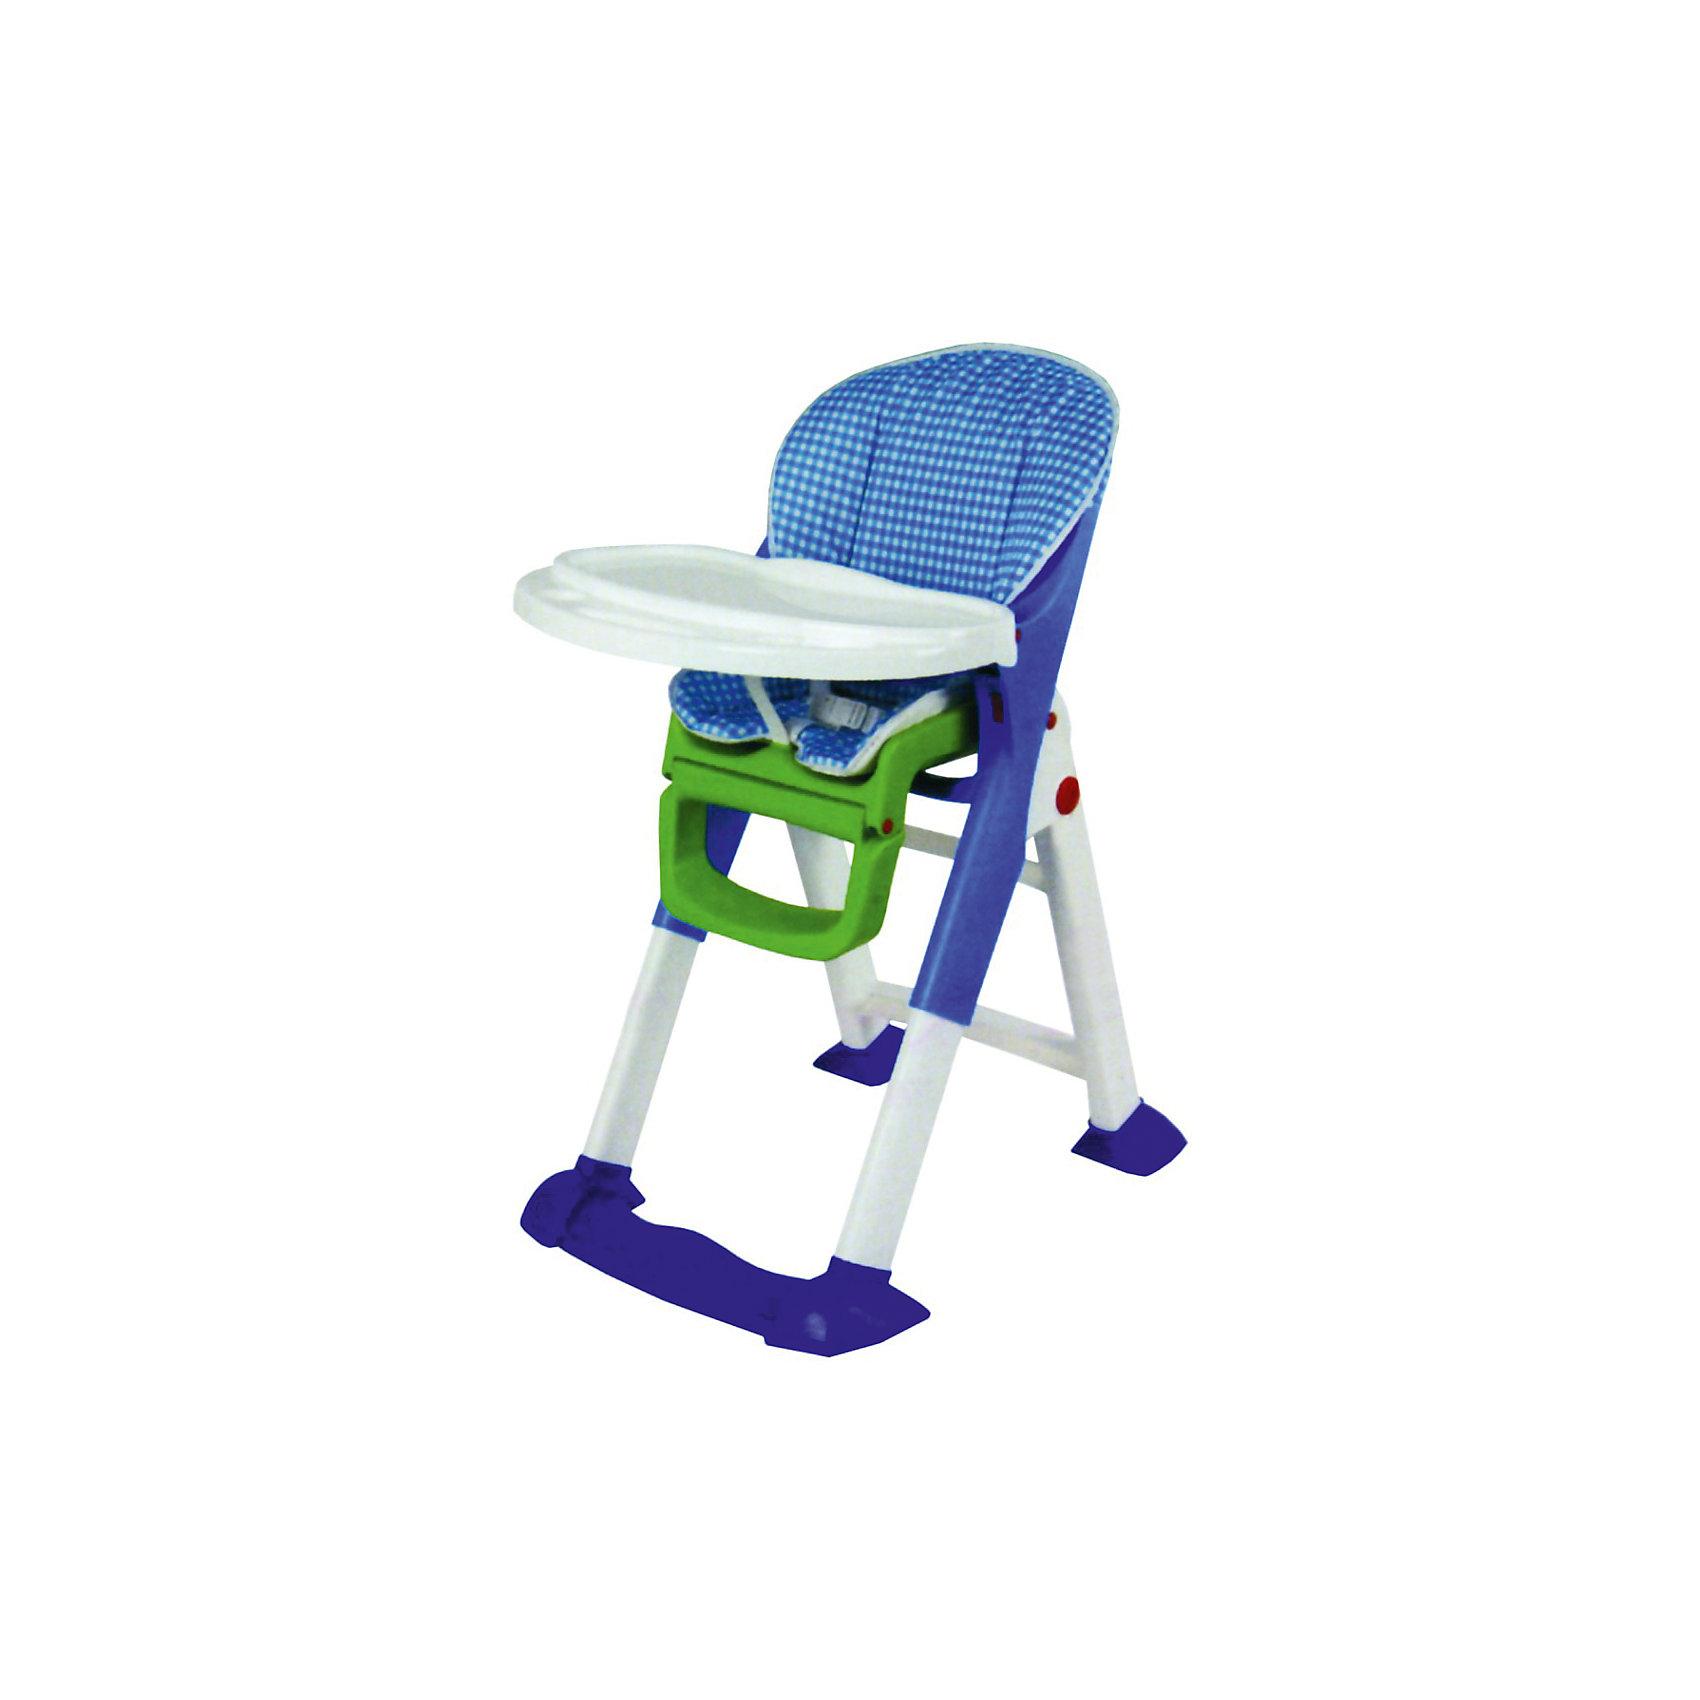 Стульчик для кормления BH-440, SelbyПравильная детская мебель всегда отличается от взрослой, так как производится с учетом строения тела малыша и того, что он быстро растет. Такой стул элементарно подстраивается под рост ребенка. Эта модель мало весит и отличается удобством.<br>Изделие легко моется. Легкий пластик отличается прочностью. Все материалы тщательно подобраны специалистами и безопасны для детей.<br><br>Дополнительная информация:<br><br>цвет: разноцветный;<br>возраст: от полугода до трех лет;<br>материал: пластик, металл;<br>габариты (разложенный): 95 х 72 х 56 см;<br>вес: 6600 г;<br>чехол снимается;<br>есть стол (можно снять);<br>уровень сидения регулируется в пяти положениях;<br>наклон спинки изменяется;<br>3точечный ремень безопасности;<br>подставка для ног.<br><br>Стульчик для кормления BH-440 от компании Selby можно купить в нашем магазине.<br><br>Ширина мм: 500<br>Глубина мм: 560<br>Высота мм: 960<br>Вес г: 6600<br>Возраст от месяцев: 6<br>Возраст до месяцев: 36<br>Пол: Унисекс<br>Возраст: Детский<br>SKU: 4873605